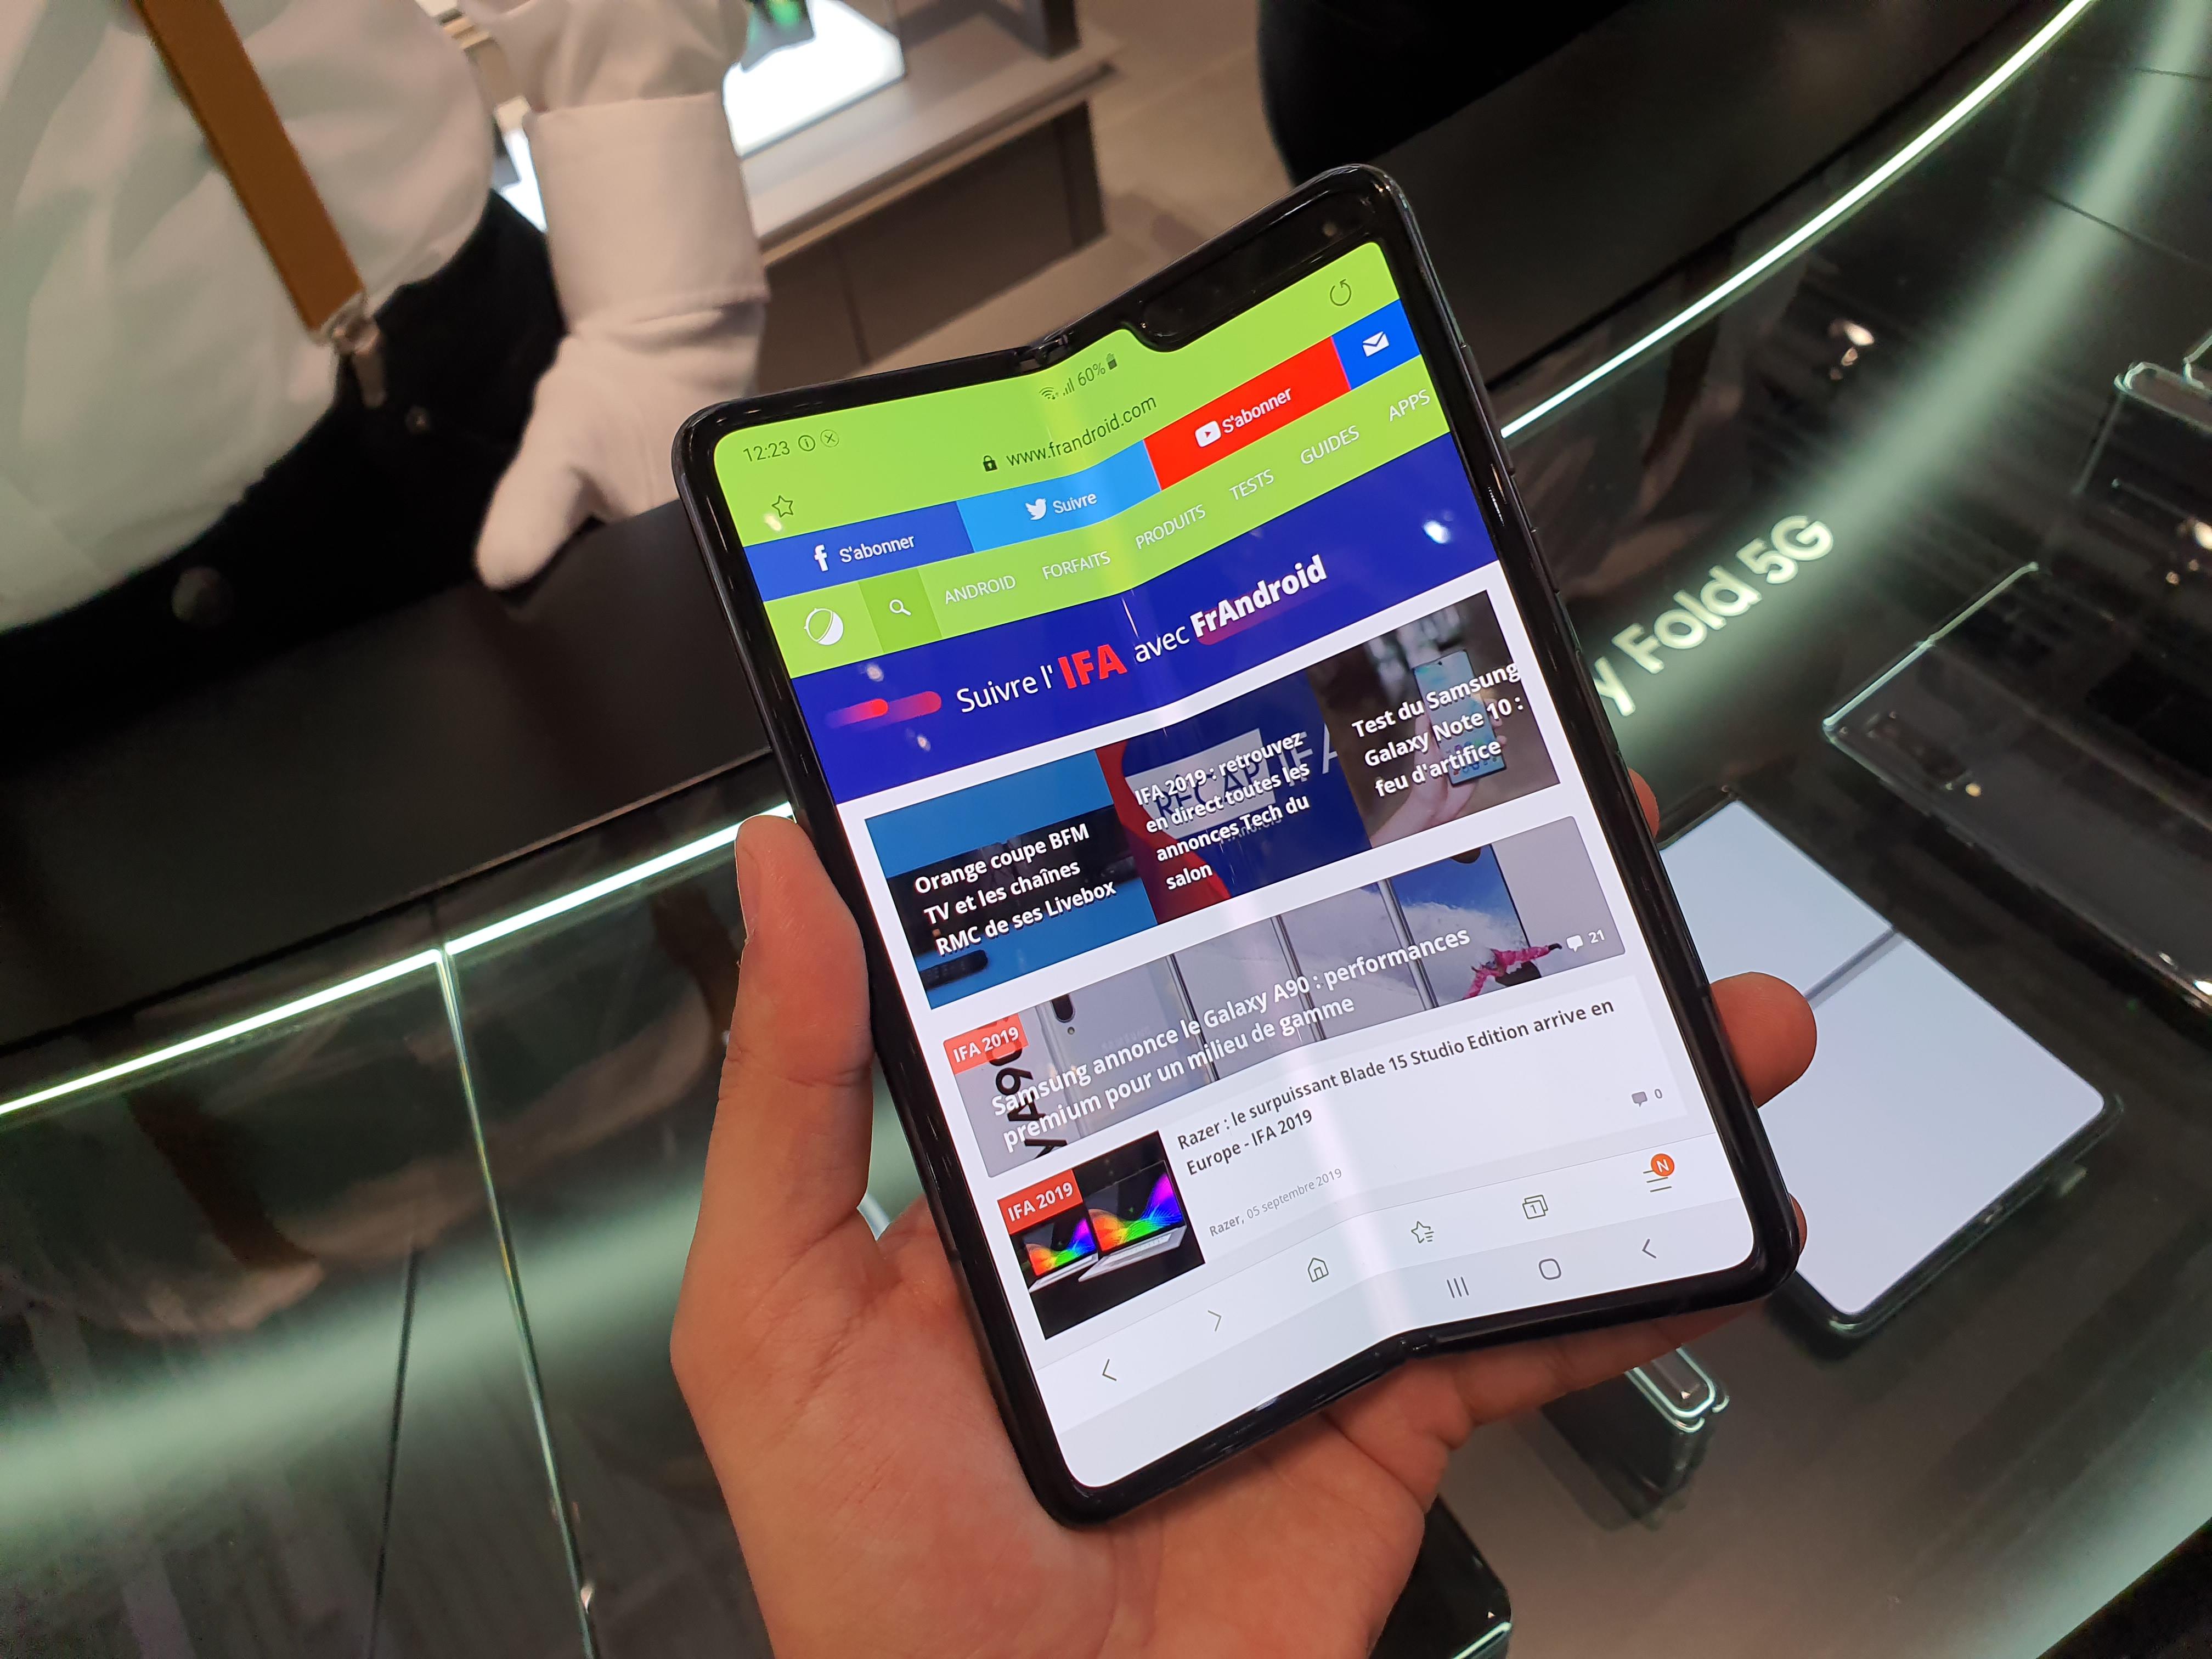 Le nouveau Samsung Galaxy Fold vous rassure-t-il ? – sondage de la semaine